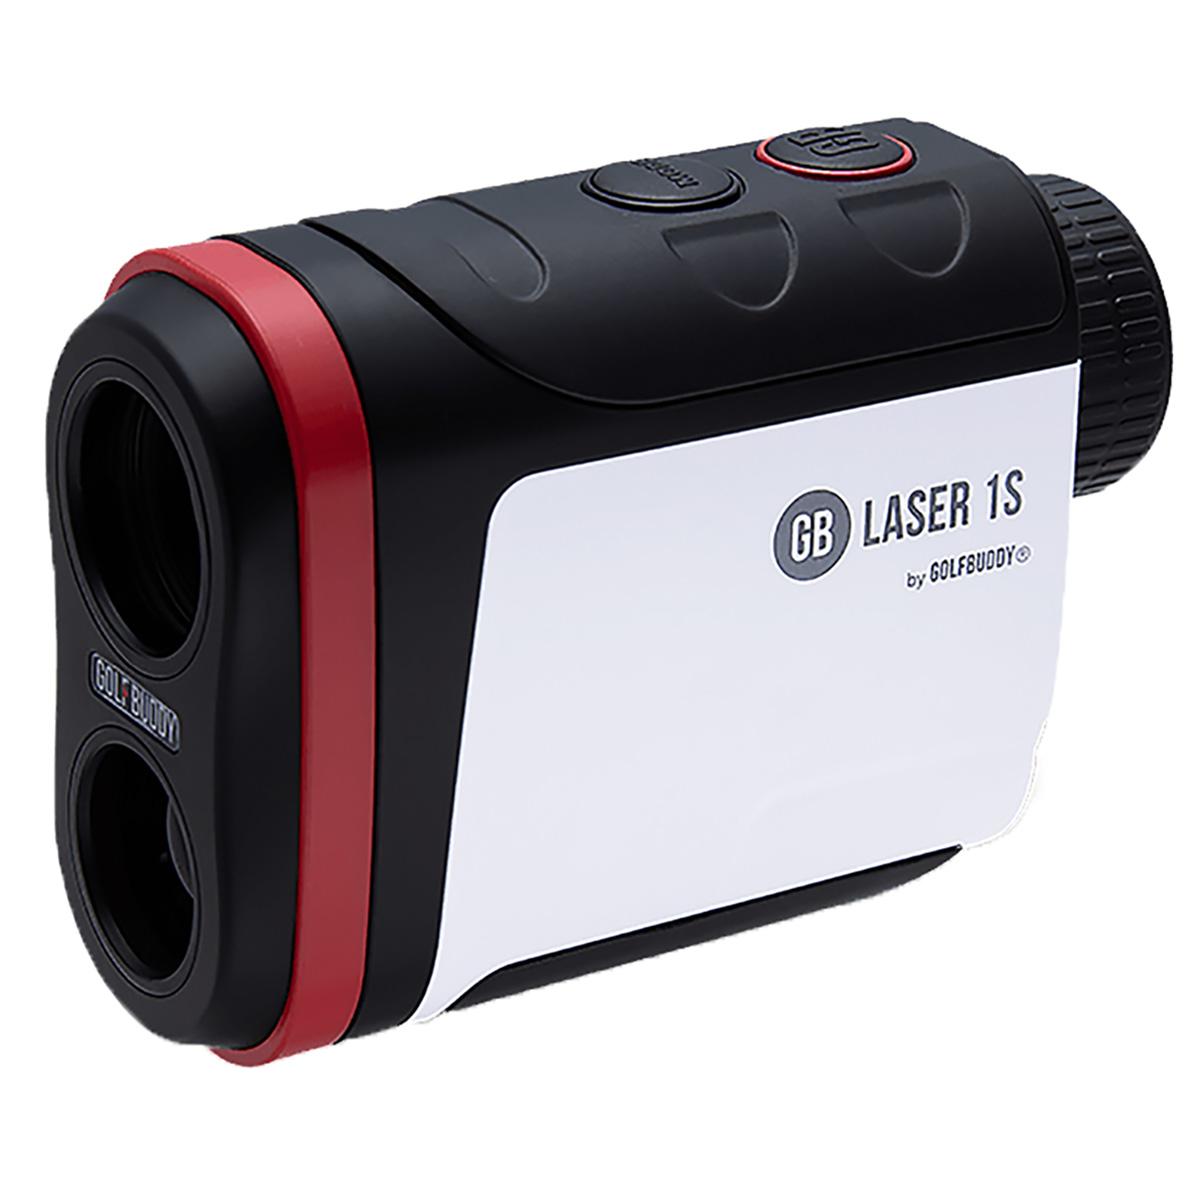 GB LASER1S レーザー距離計測器